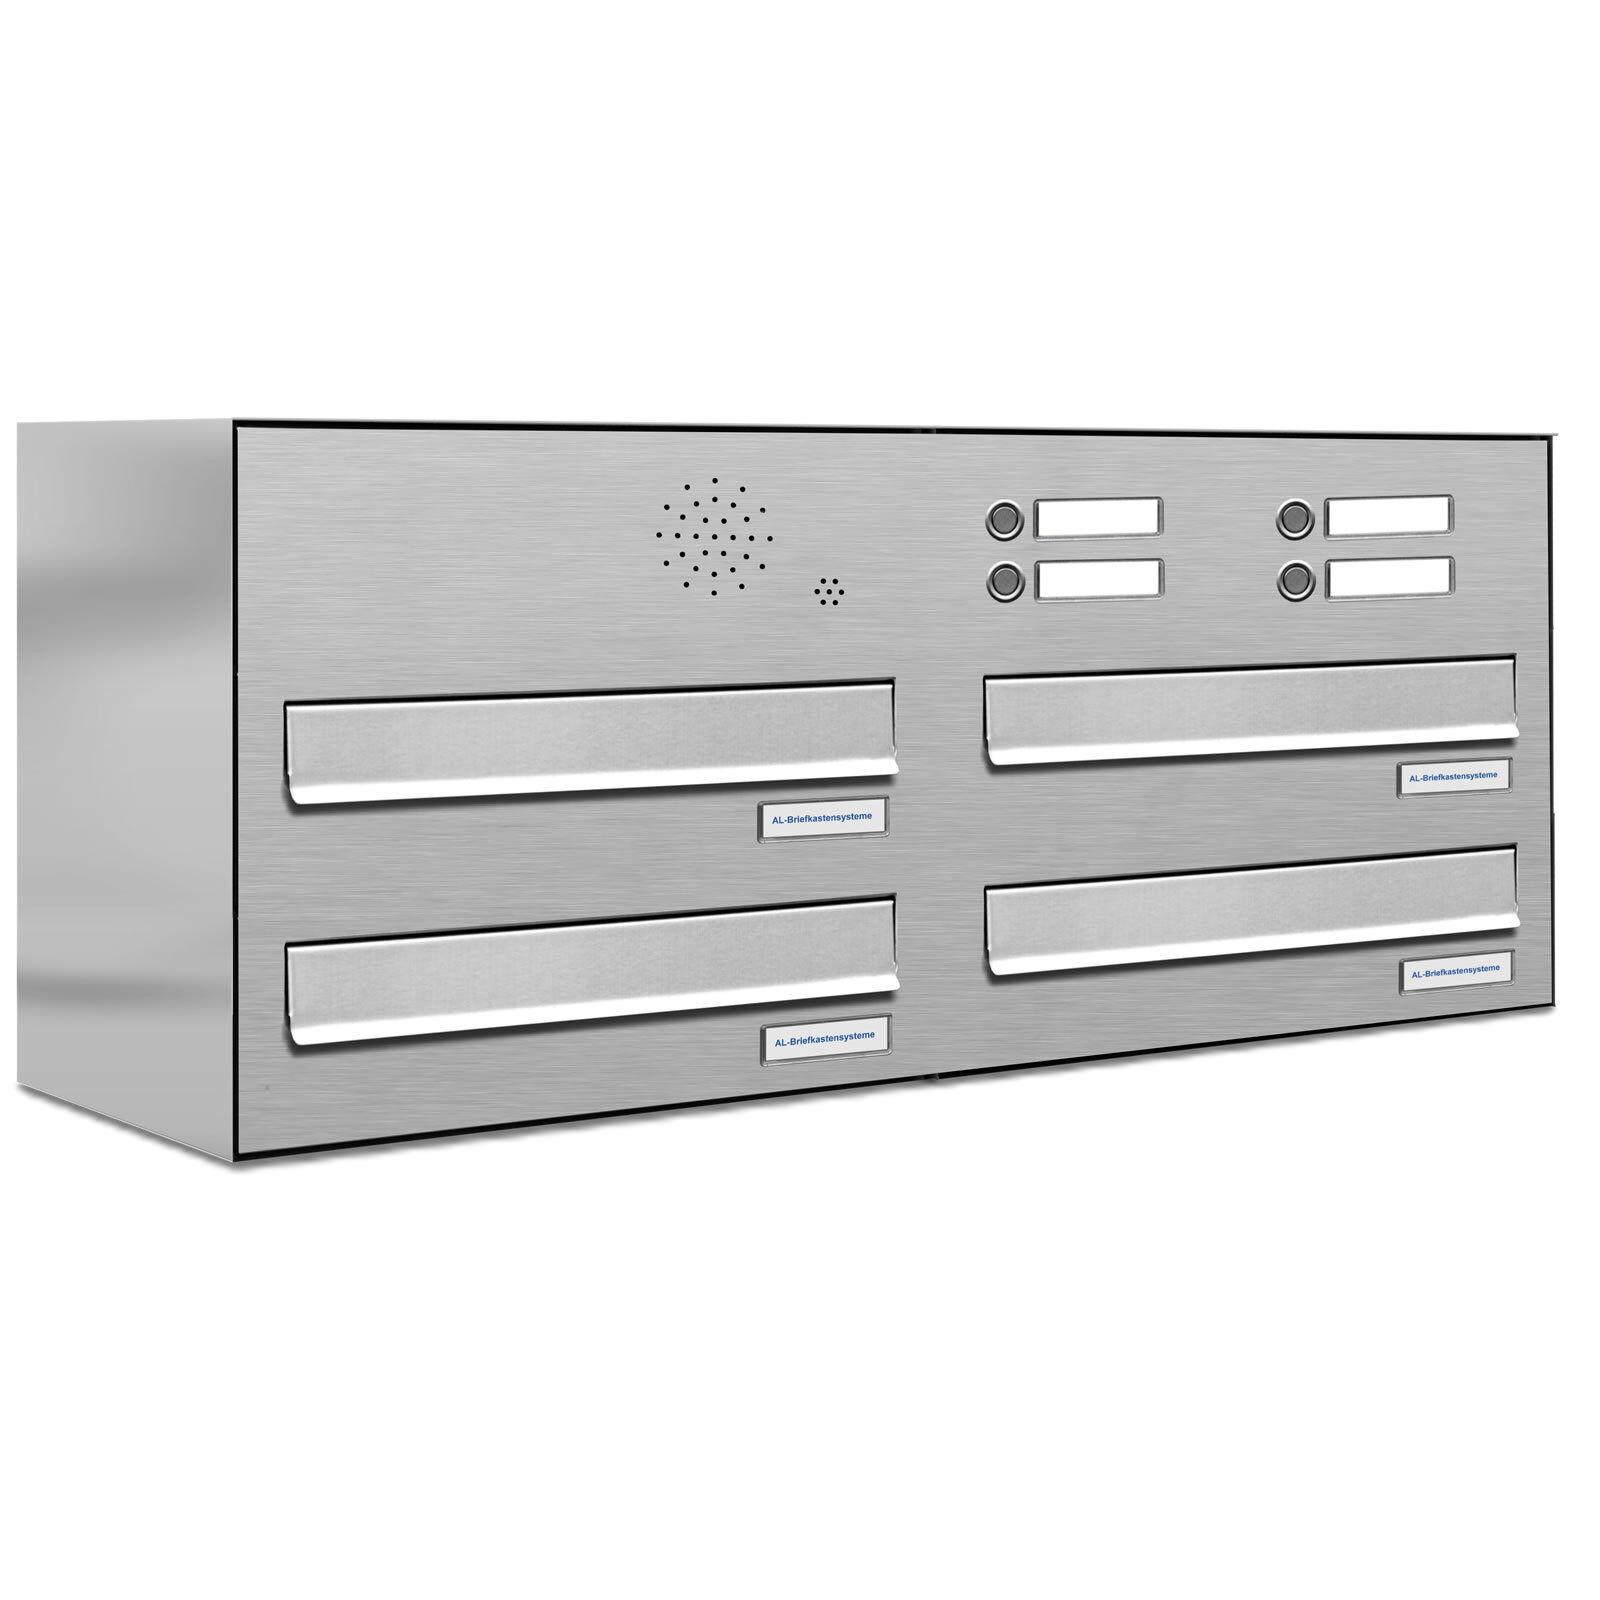 4 er Premium Zaun Durchwurf Klingel V2A V2A V2A Edelstahl Briefkasten mit Postkasten 2x3 316231